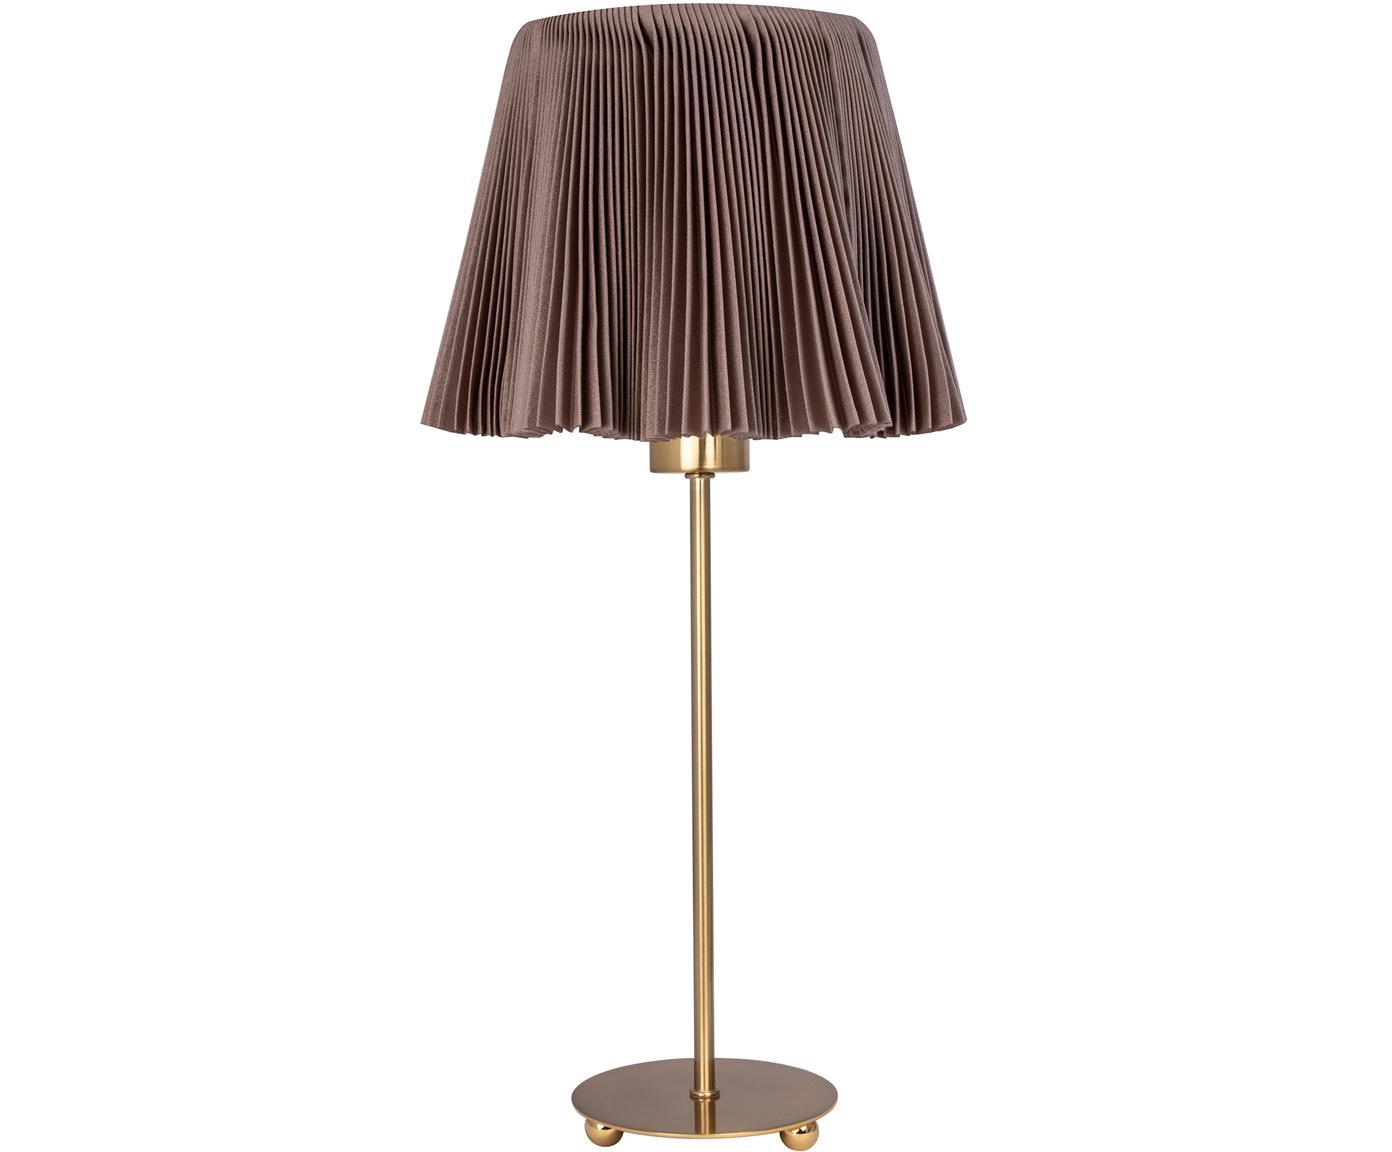 Tischleuchte Edith aus Faltenstoff, Baumwolle, Metall, Braun, Messingfarben, Ø 20 x H 50 cm